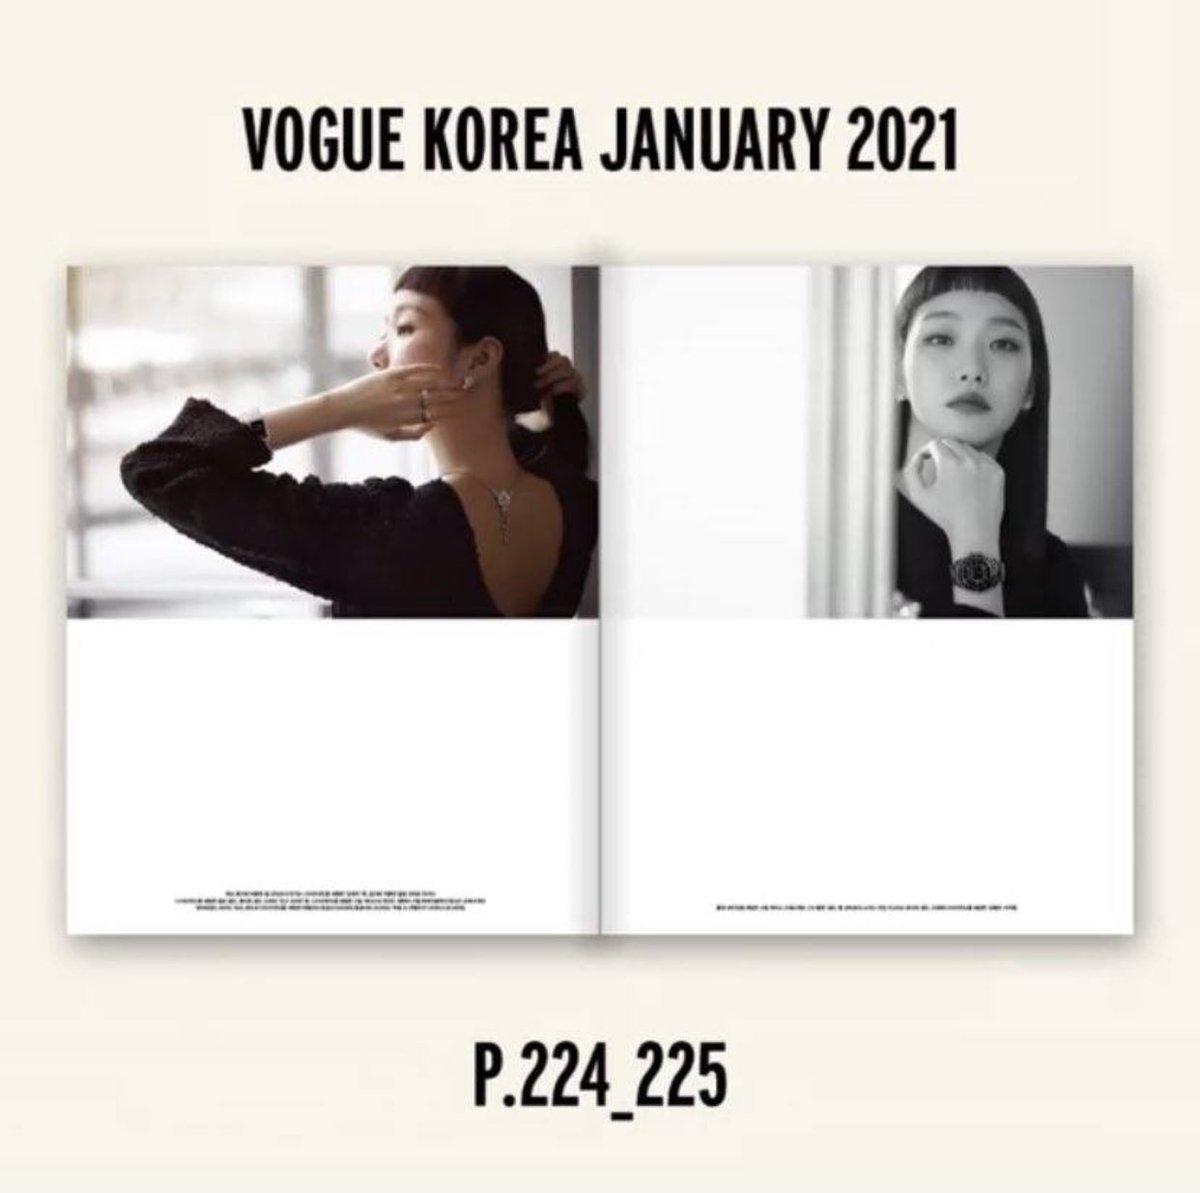 เธอสวย สวยพิศ แม้เห็นเพียงเสี้ยวหน้าและ แผ่นหลัง #หลงรักลูกสาวขึ้นทุกวัน #KimGoEun #CHANELFineJewelry #VogueKorea  อย่าลืมไปอุดหนุน ลูกสาวบน นิตยสาร vogue Korea ปก มกราคม 2021 กันนะคะ  => ชี้เป้าร้าน @MyBeloveExo  ค่ะ